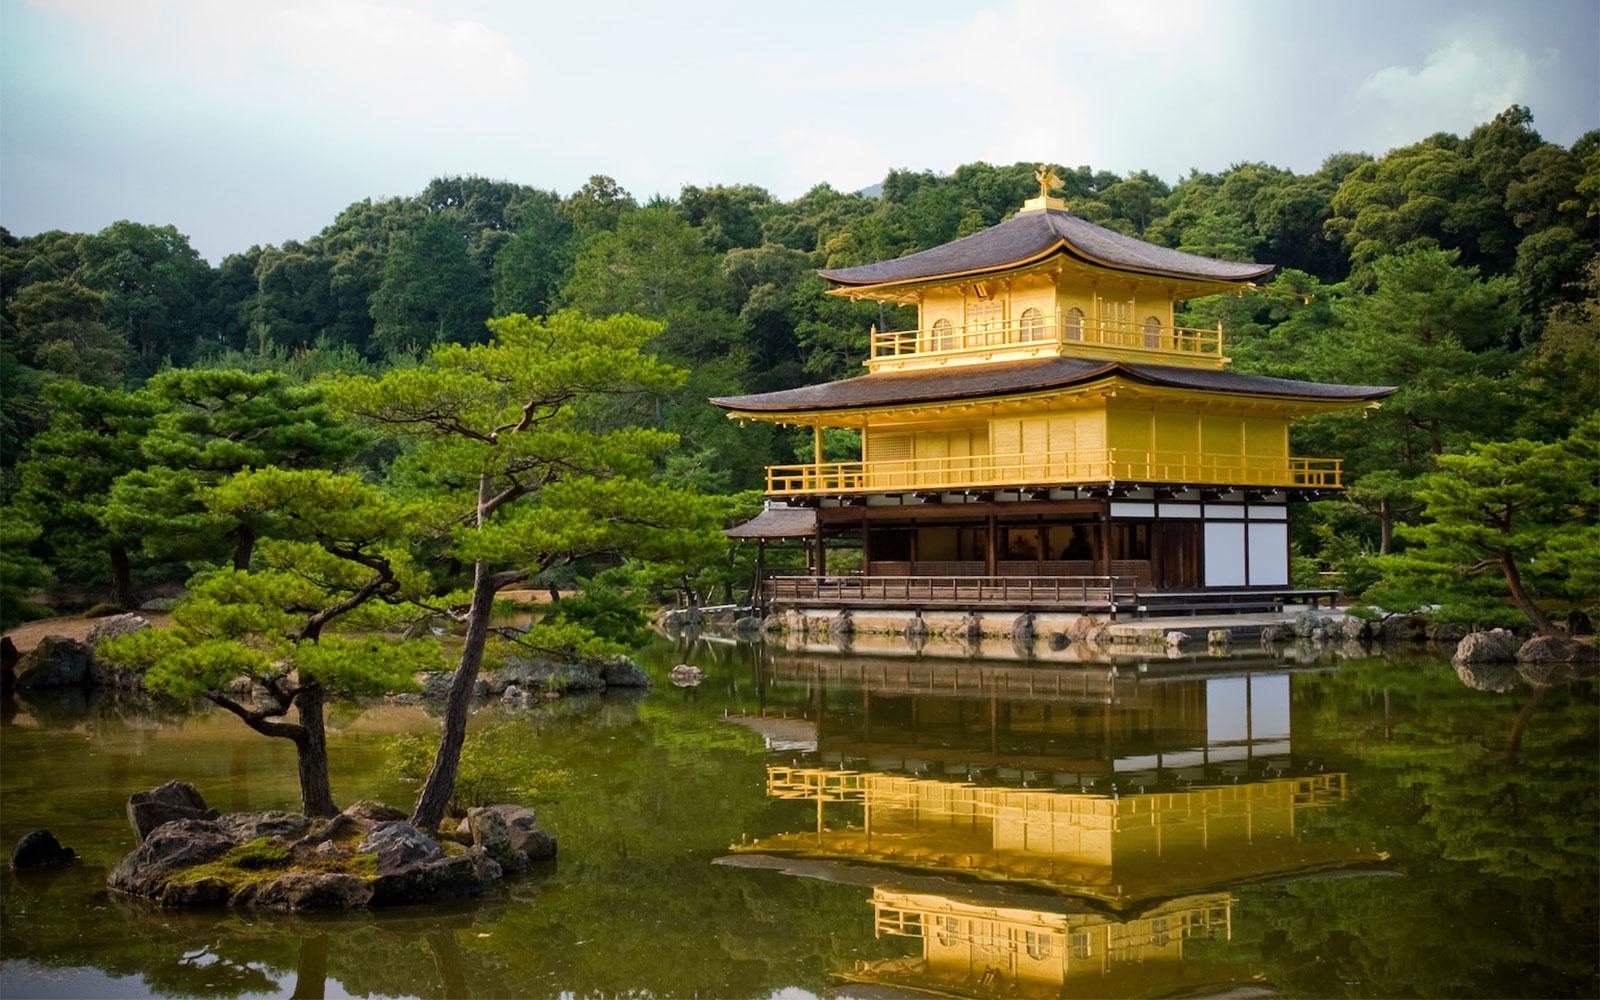 Kinkaku-ji: The Temple of the Golden Pavilion